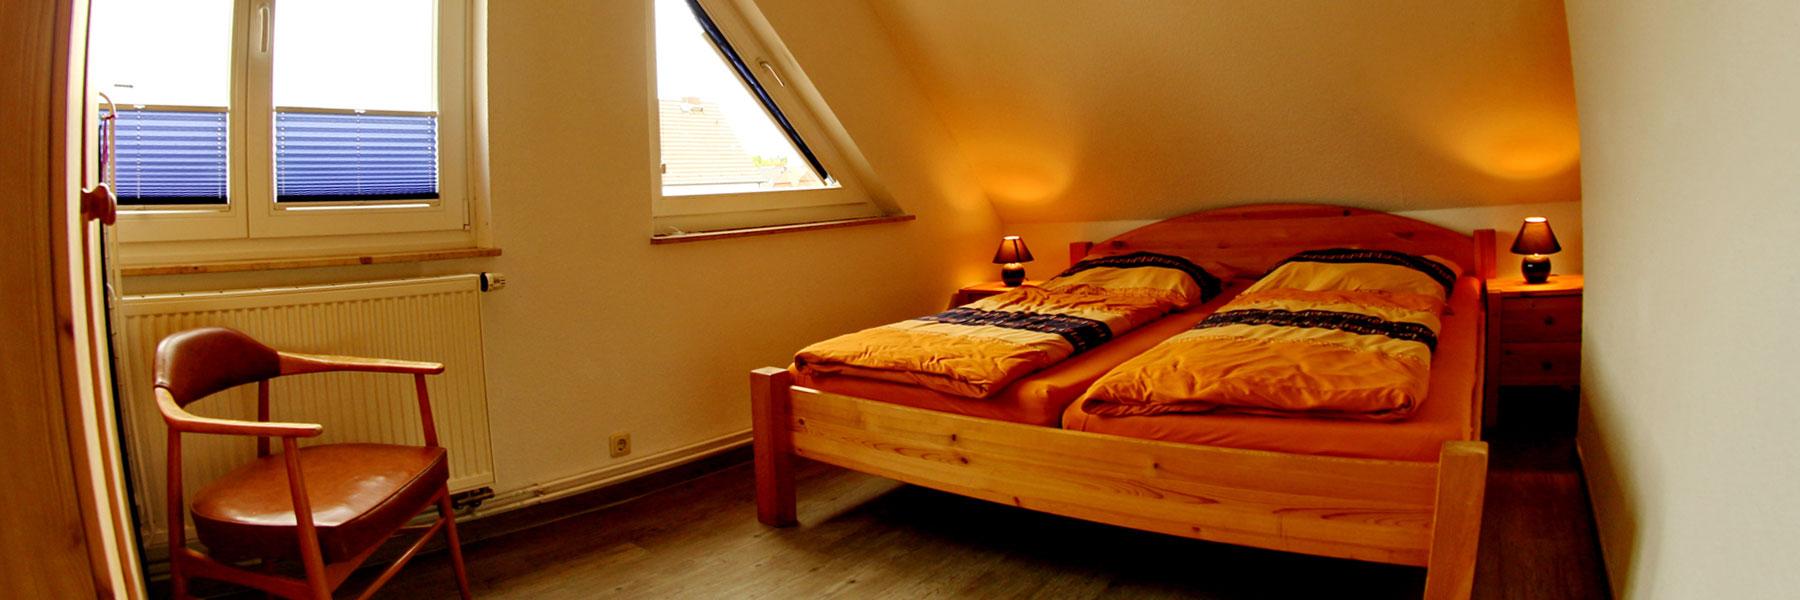 Schlafzimmer - Ferienwohnung Maria